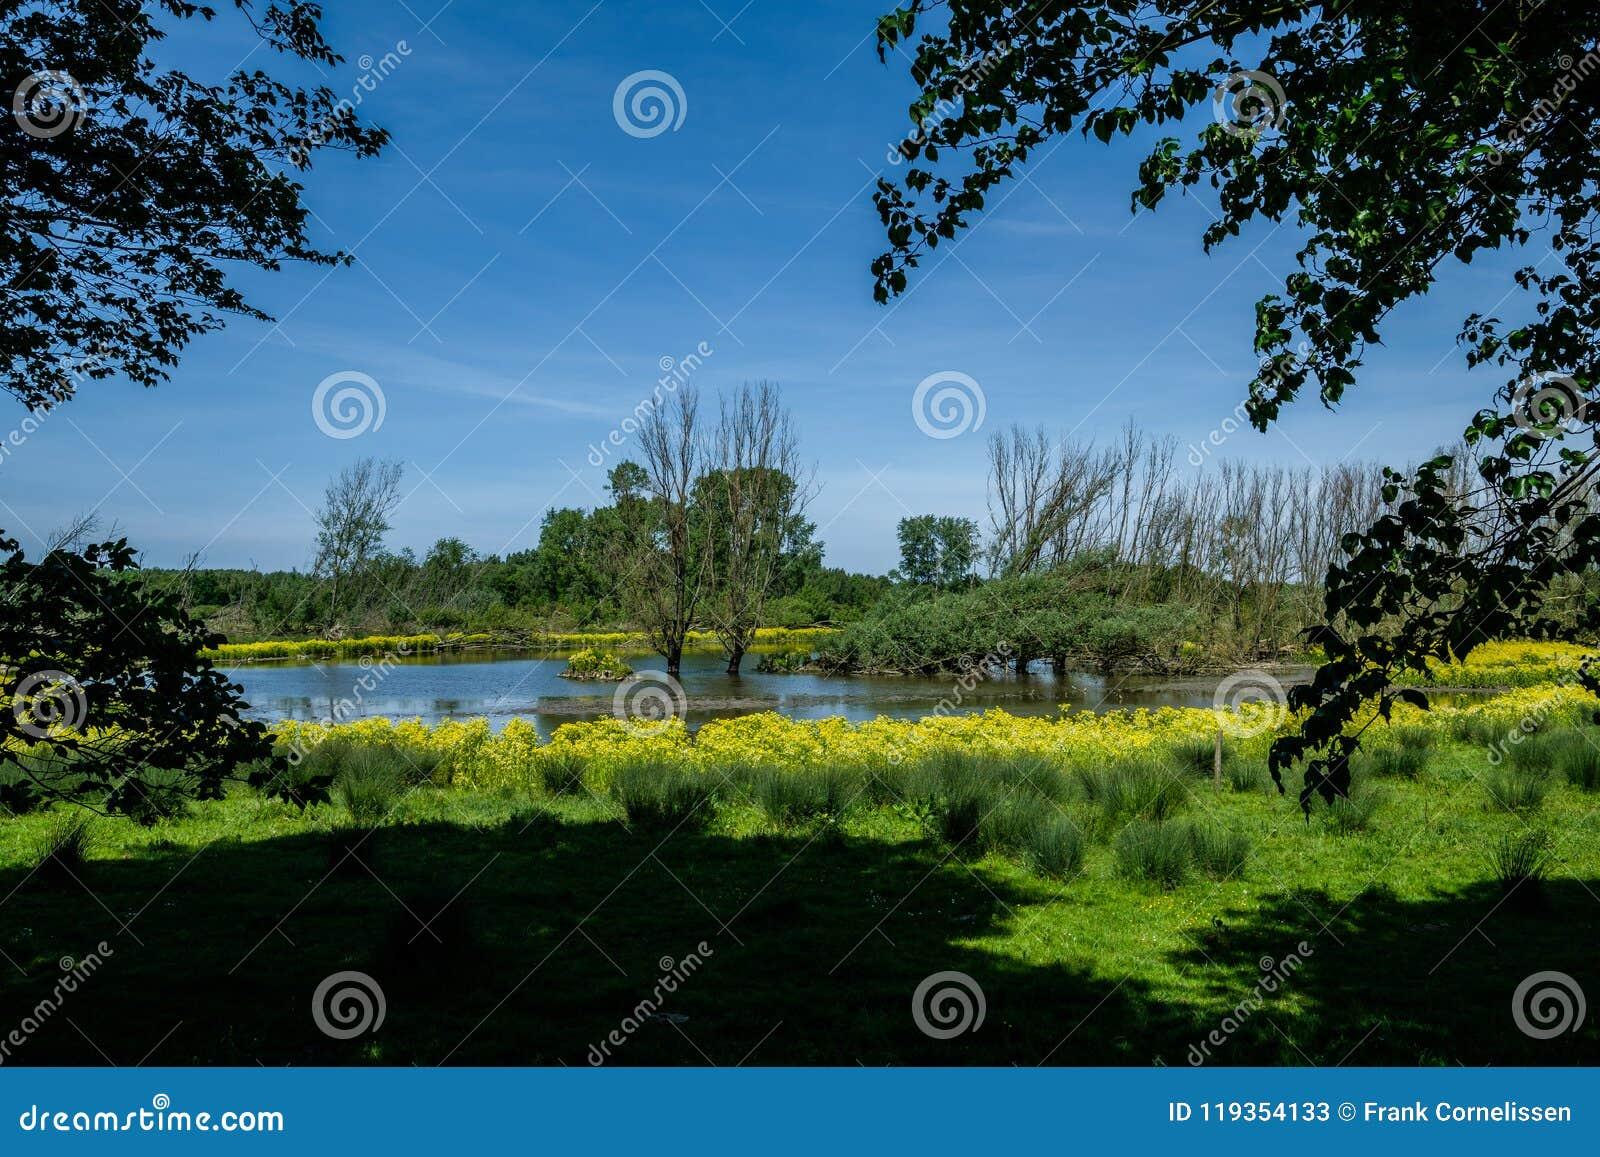 Ландшафт польдера, рекреационная зона около Роттердама